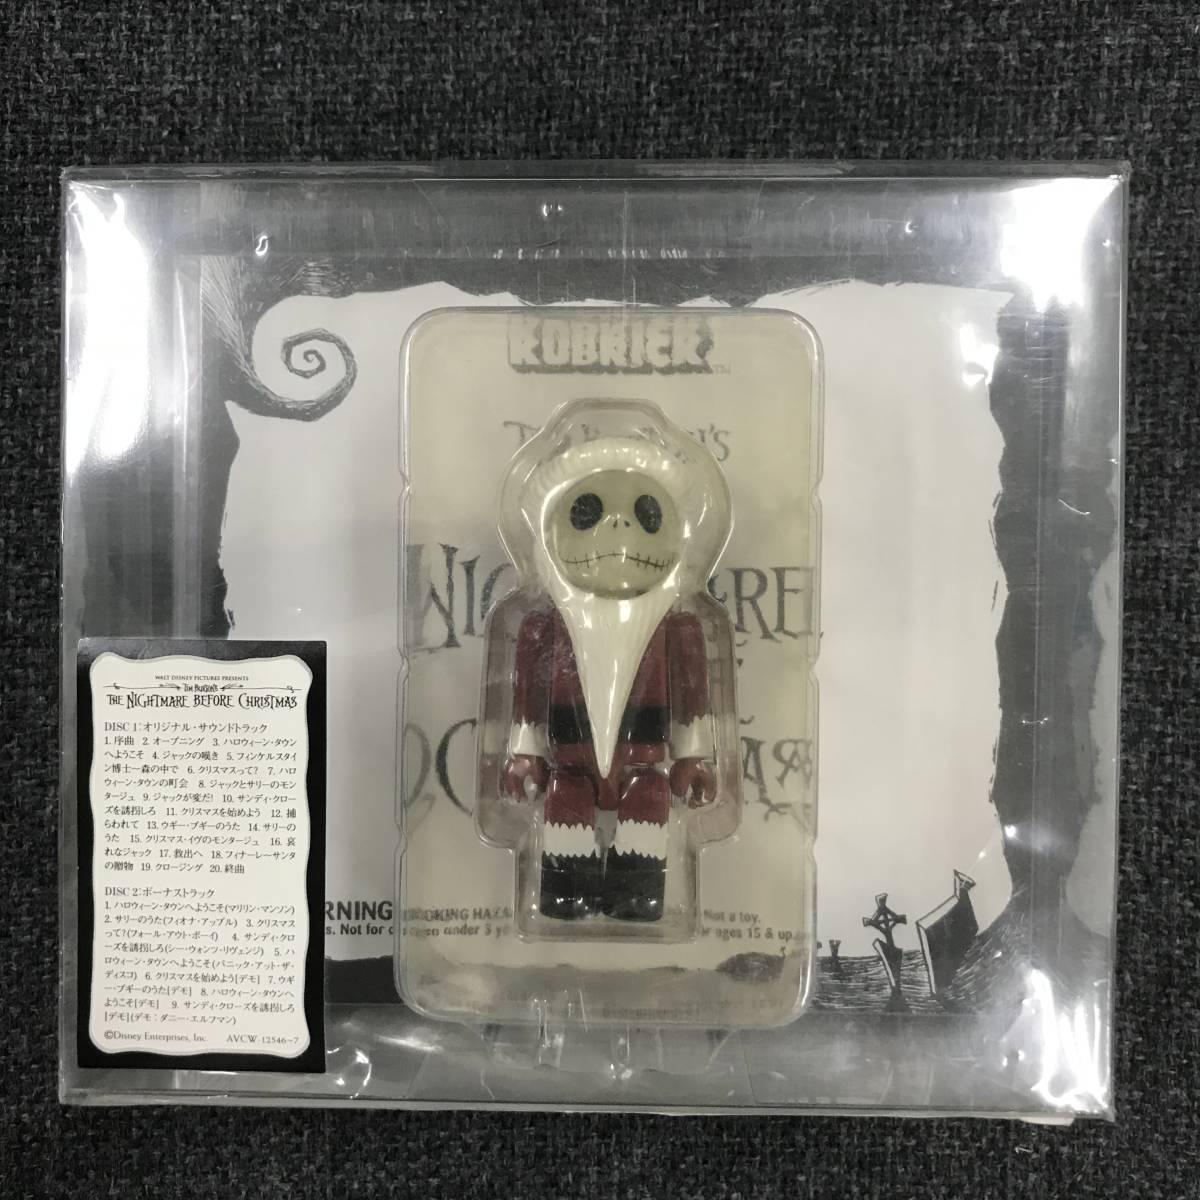 新品未開封CD☆サントラ ナイトメアー・ビフォア・クリスマススペシャルエディション・オリジナルサウンドトラック初回限定盤(AVCW12546)_画像2